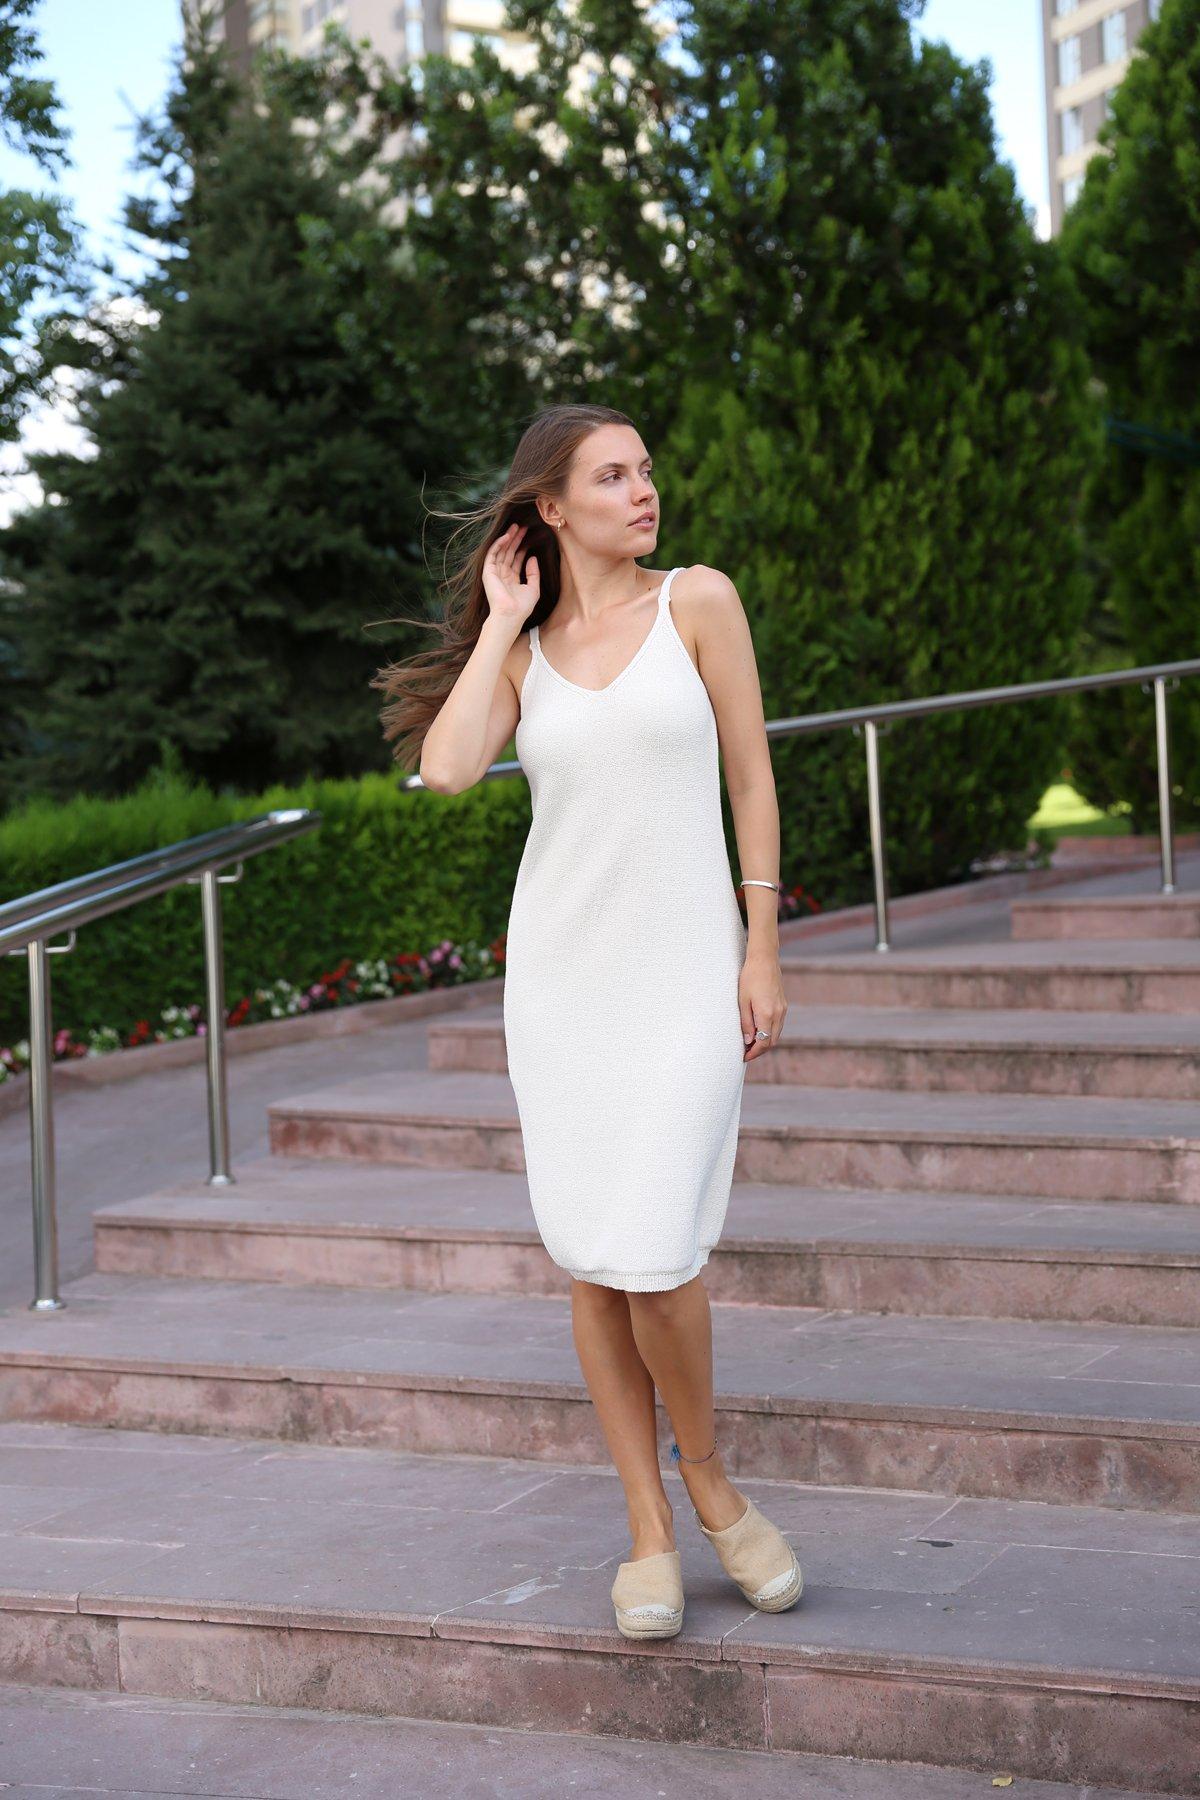 İp Askılı Örme Elbise